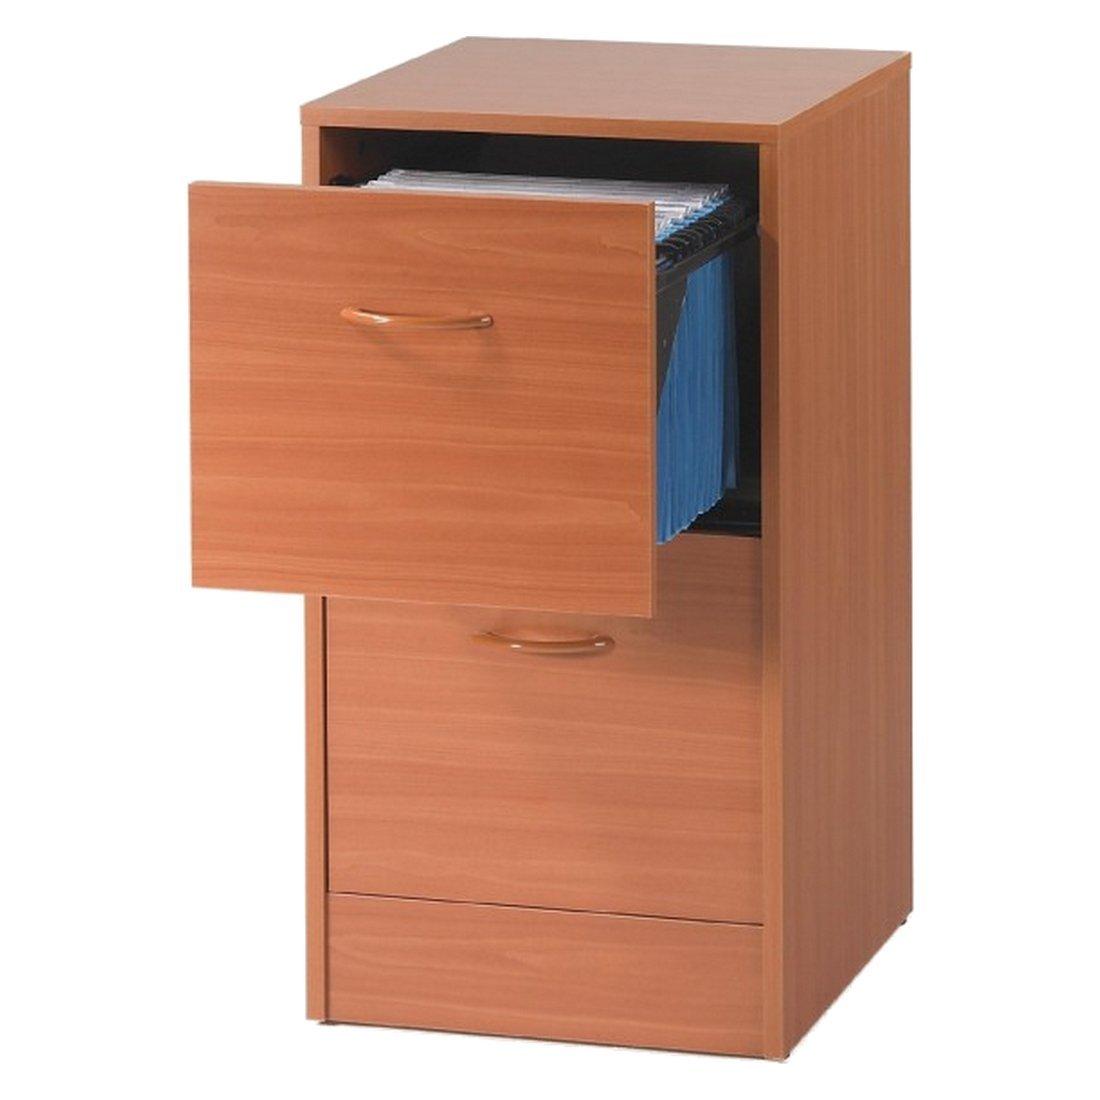 simmob classeur 2 tiroirs dossiers suspendus coloris htre amazonfr cuisine maison